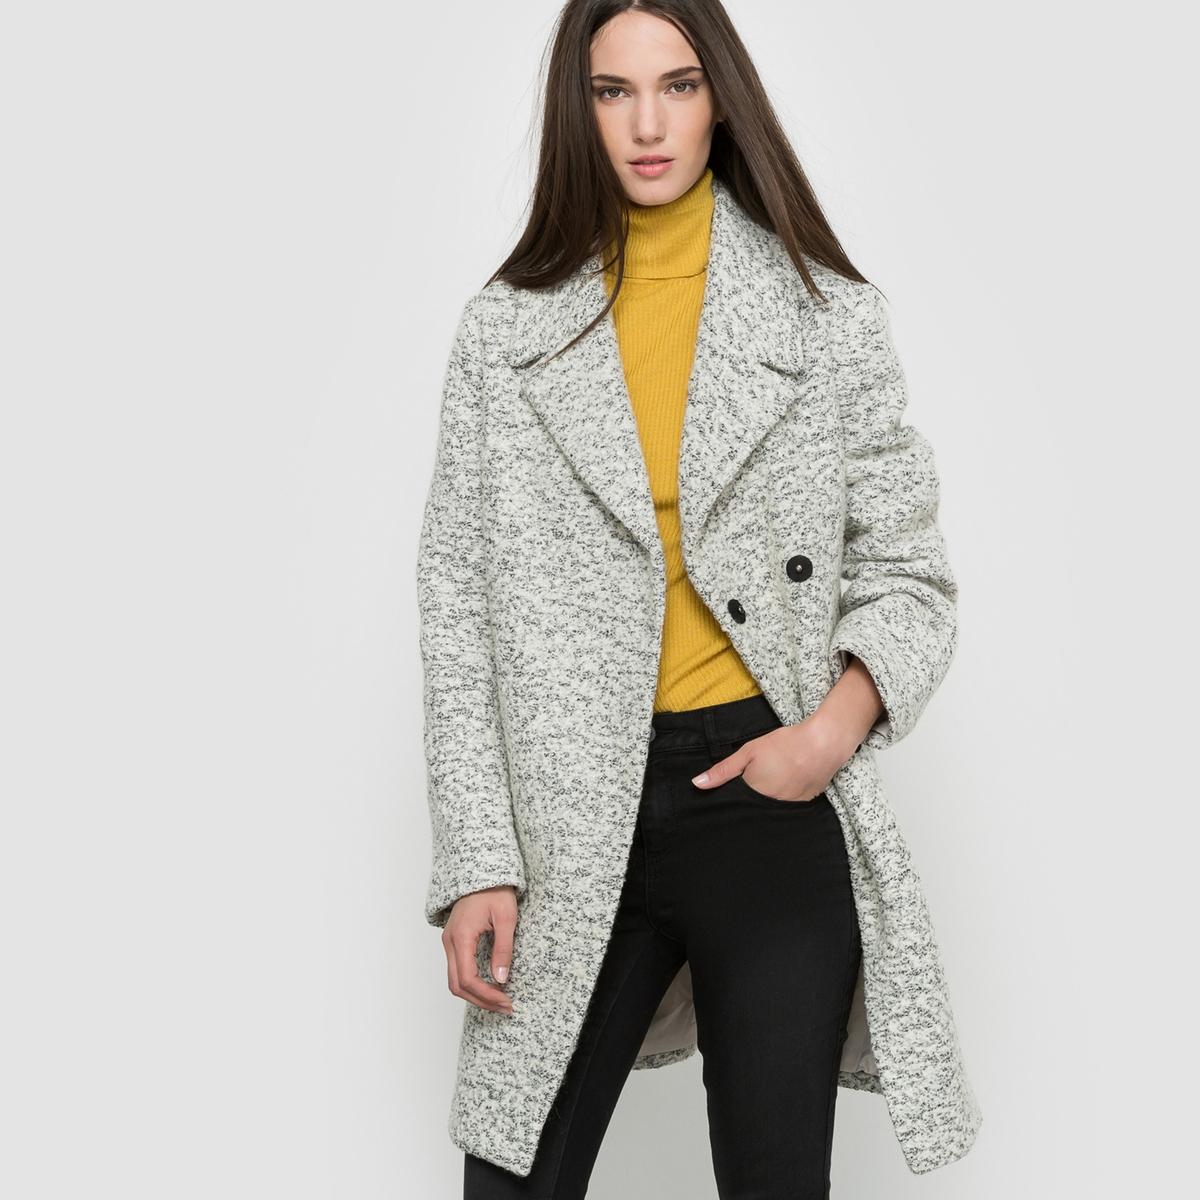 Пальто, 45% шерсти.Пальто из букле. Большой воротник пиджачного типа. Покрой свободный. Застёжка (перекрестная) на кнопках. 2 кармана спереди.Состав и описание:Материал:55% полиэстера, 45% шерсти.Подкладка: 100% полиэстера.Длина: 83 см.Марка: VILA.Уход:- Сухая чистка.- Не отбеливать.<br><br>Цвет: светло-серый меланж<br>Размер: M.L.S